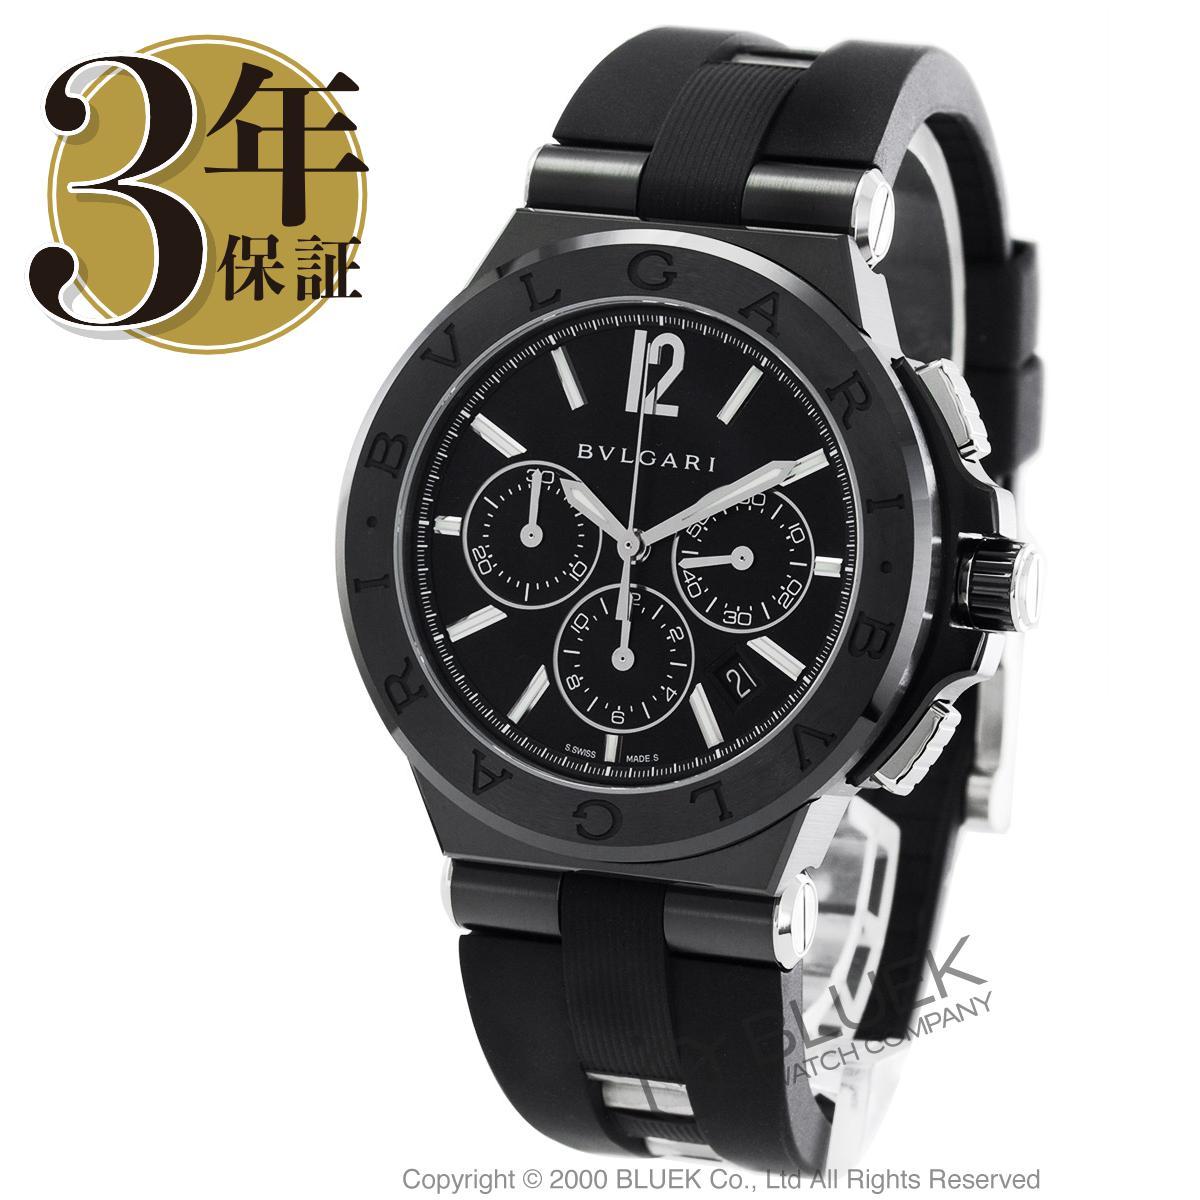 ブルガリ ディアゴノ ウルトラネロ クロノグラフ 腕時計 メンズ BVLGARI DG42BBSCVDCH_3 喜寿祝 年始 快気祝 音楽会 忘年会